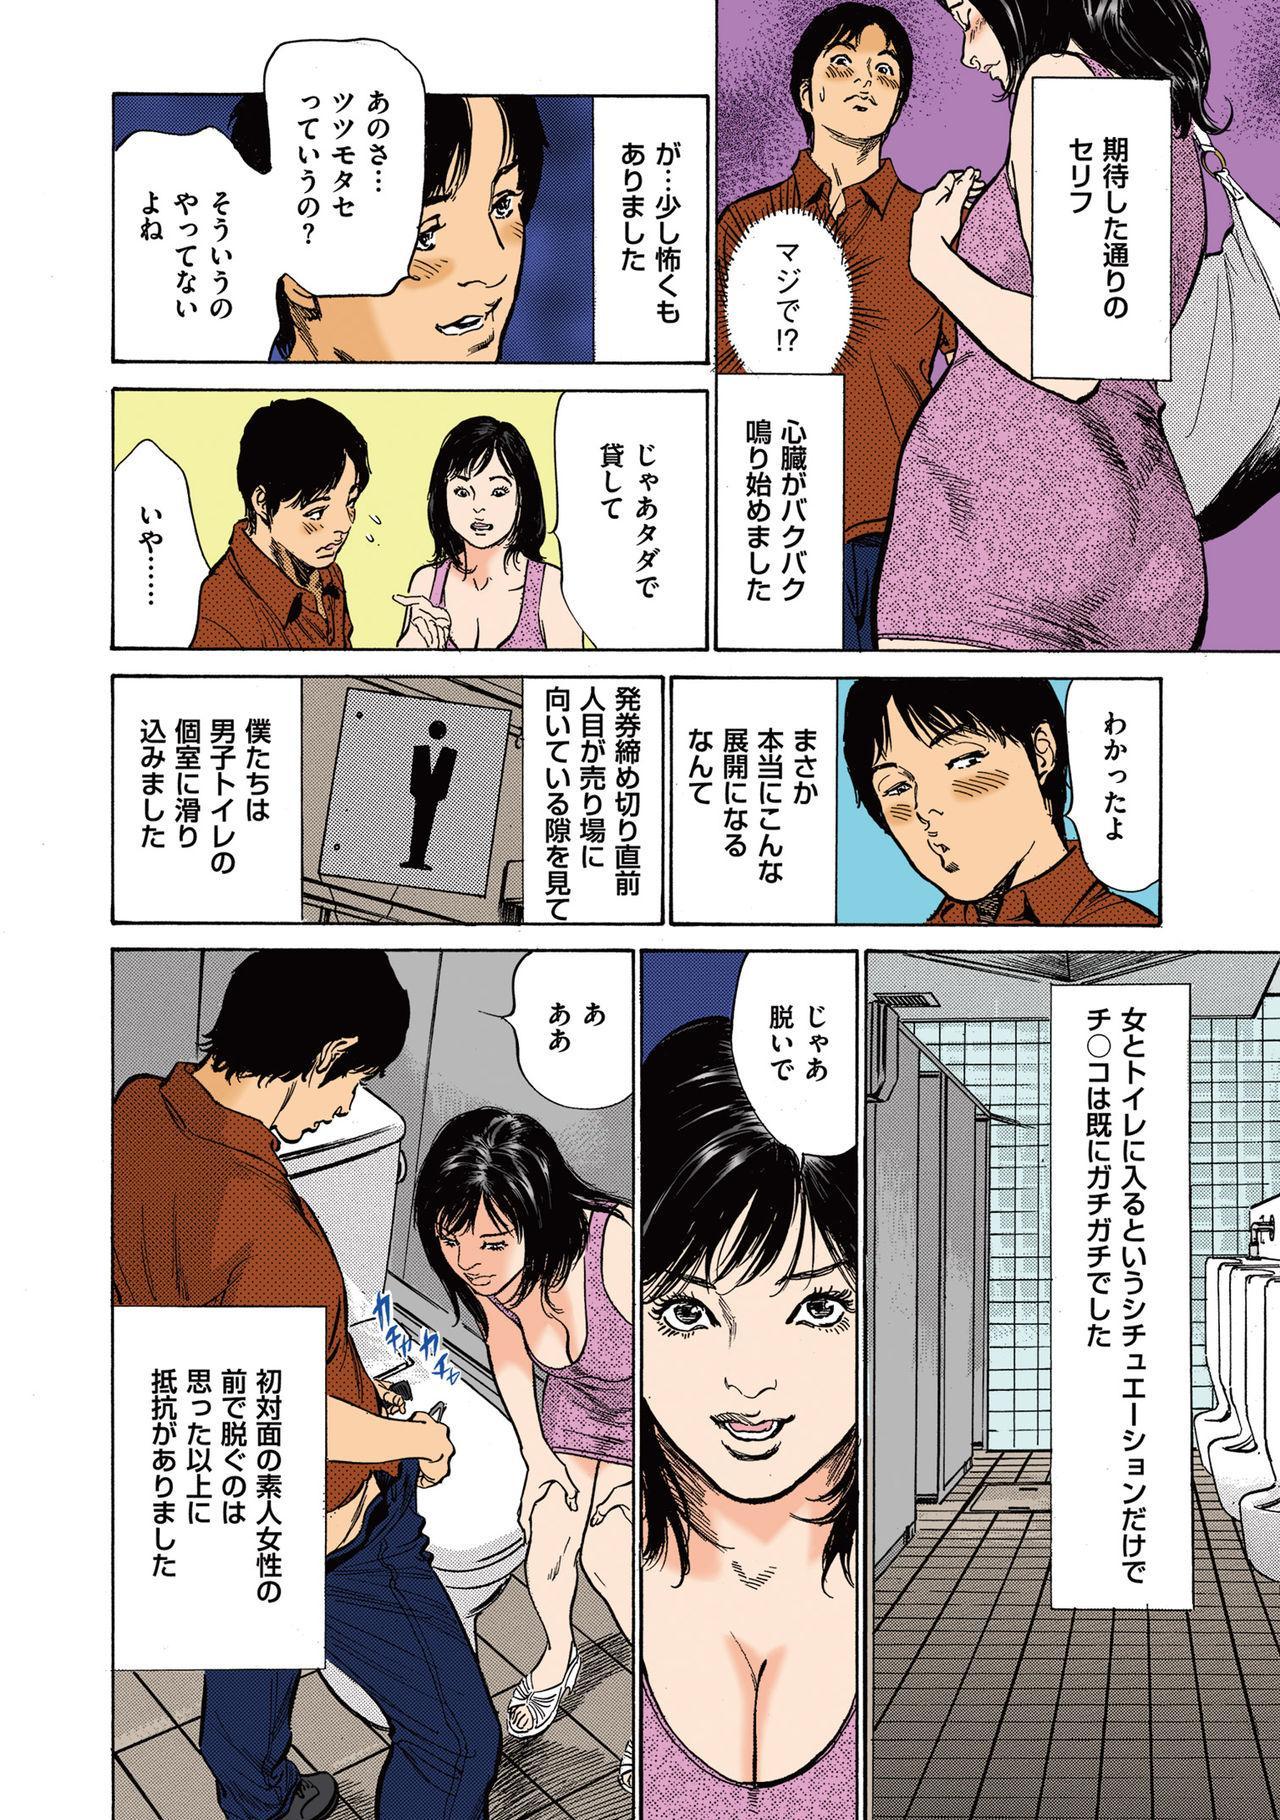 [Hazuki Kaoru] Hazuki Kaoru no Tamaranai Hanashi (Full Color Version) 2-1 41